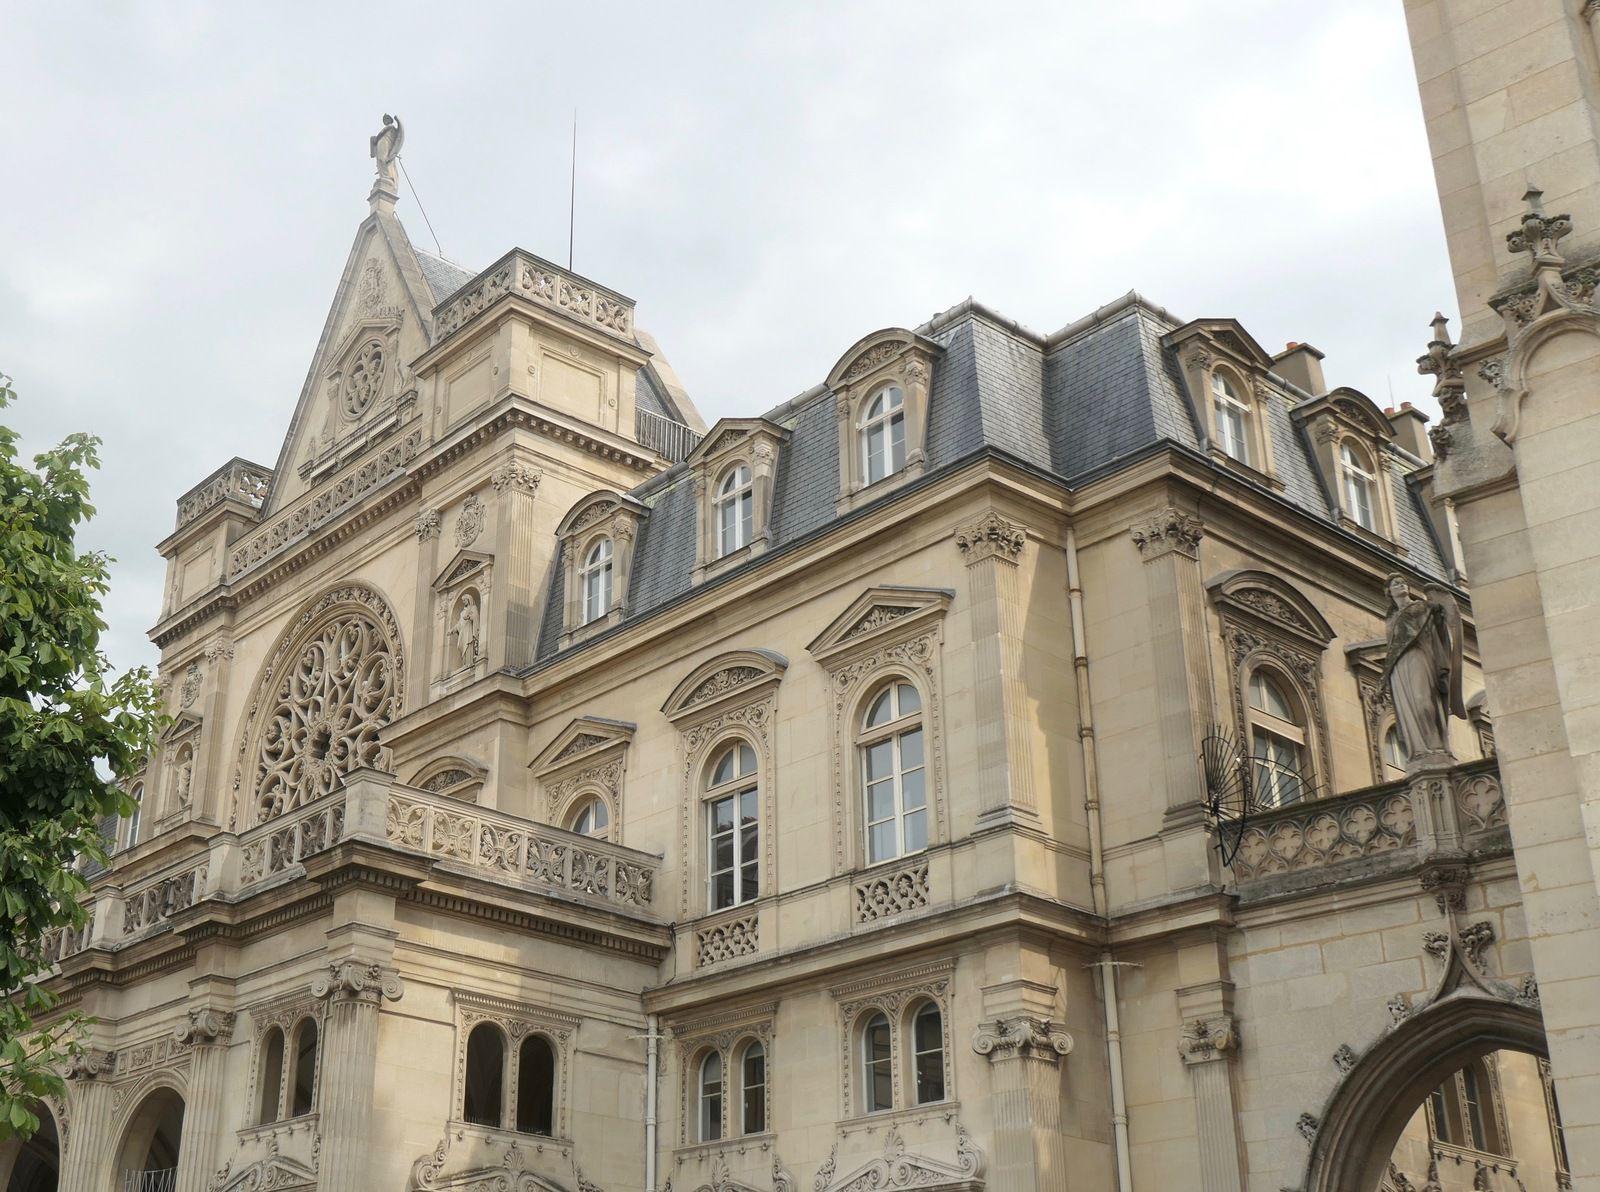 Fresque à l'intérieur de l'Eglise St Germain Auxérois, le cadran solaire sur  le Beffroi, L'église et la mairie du 1er quasiment identique l'entrée (fermée) du bestiaire